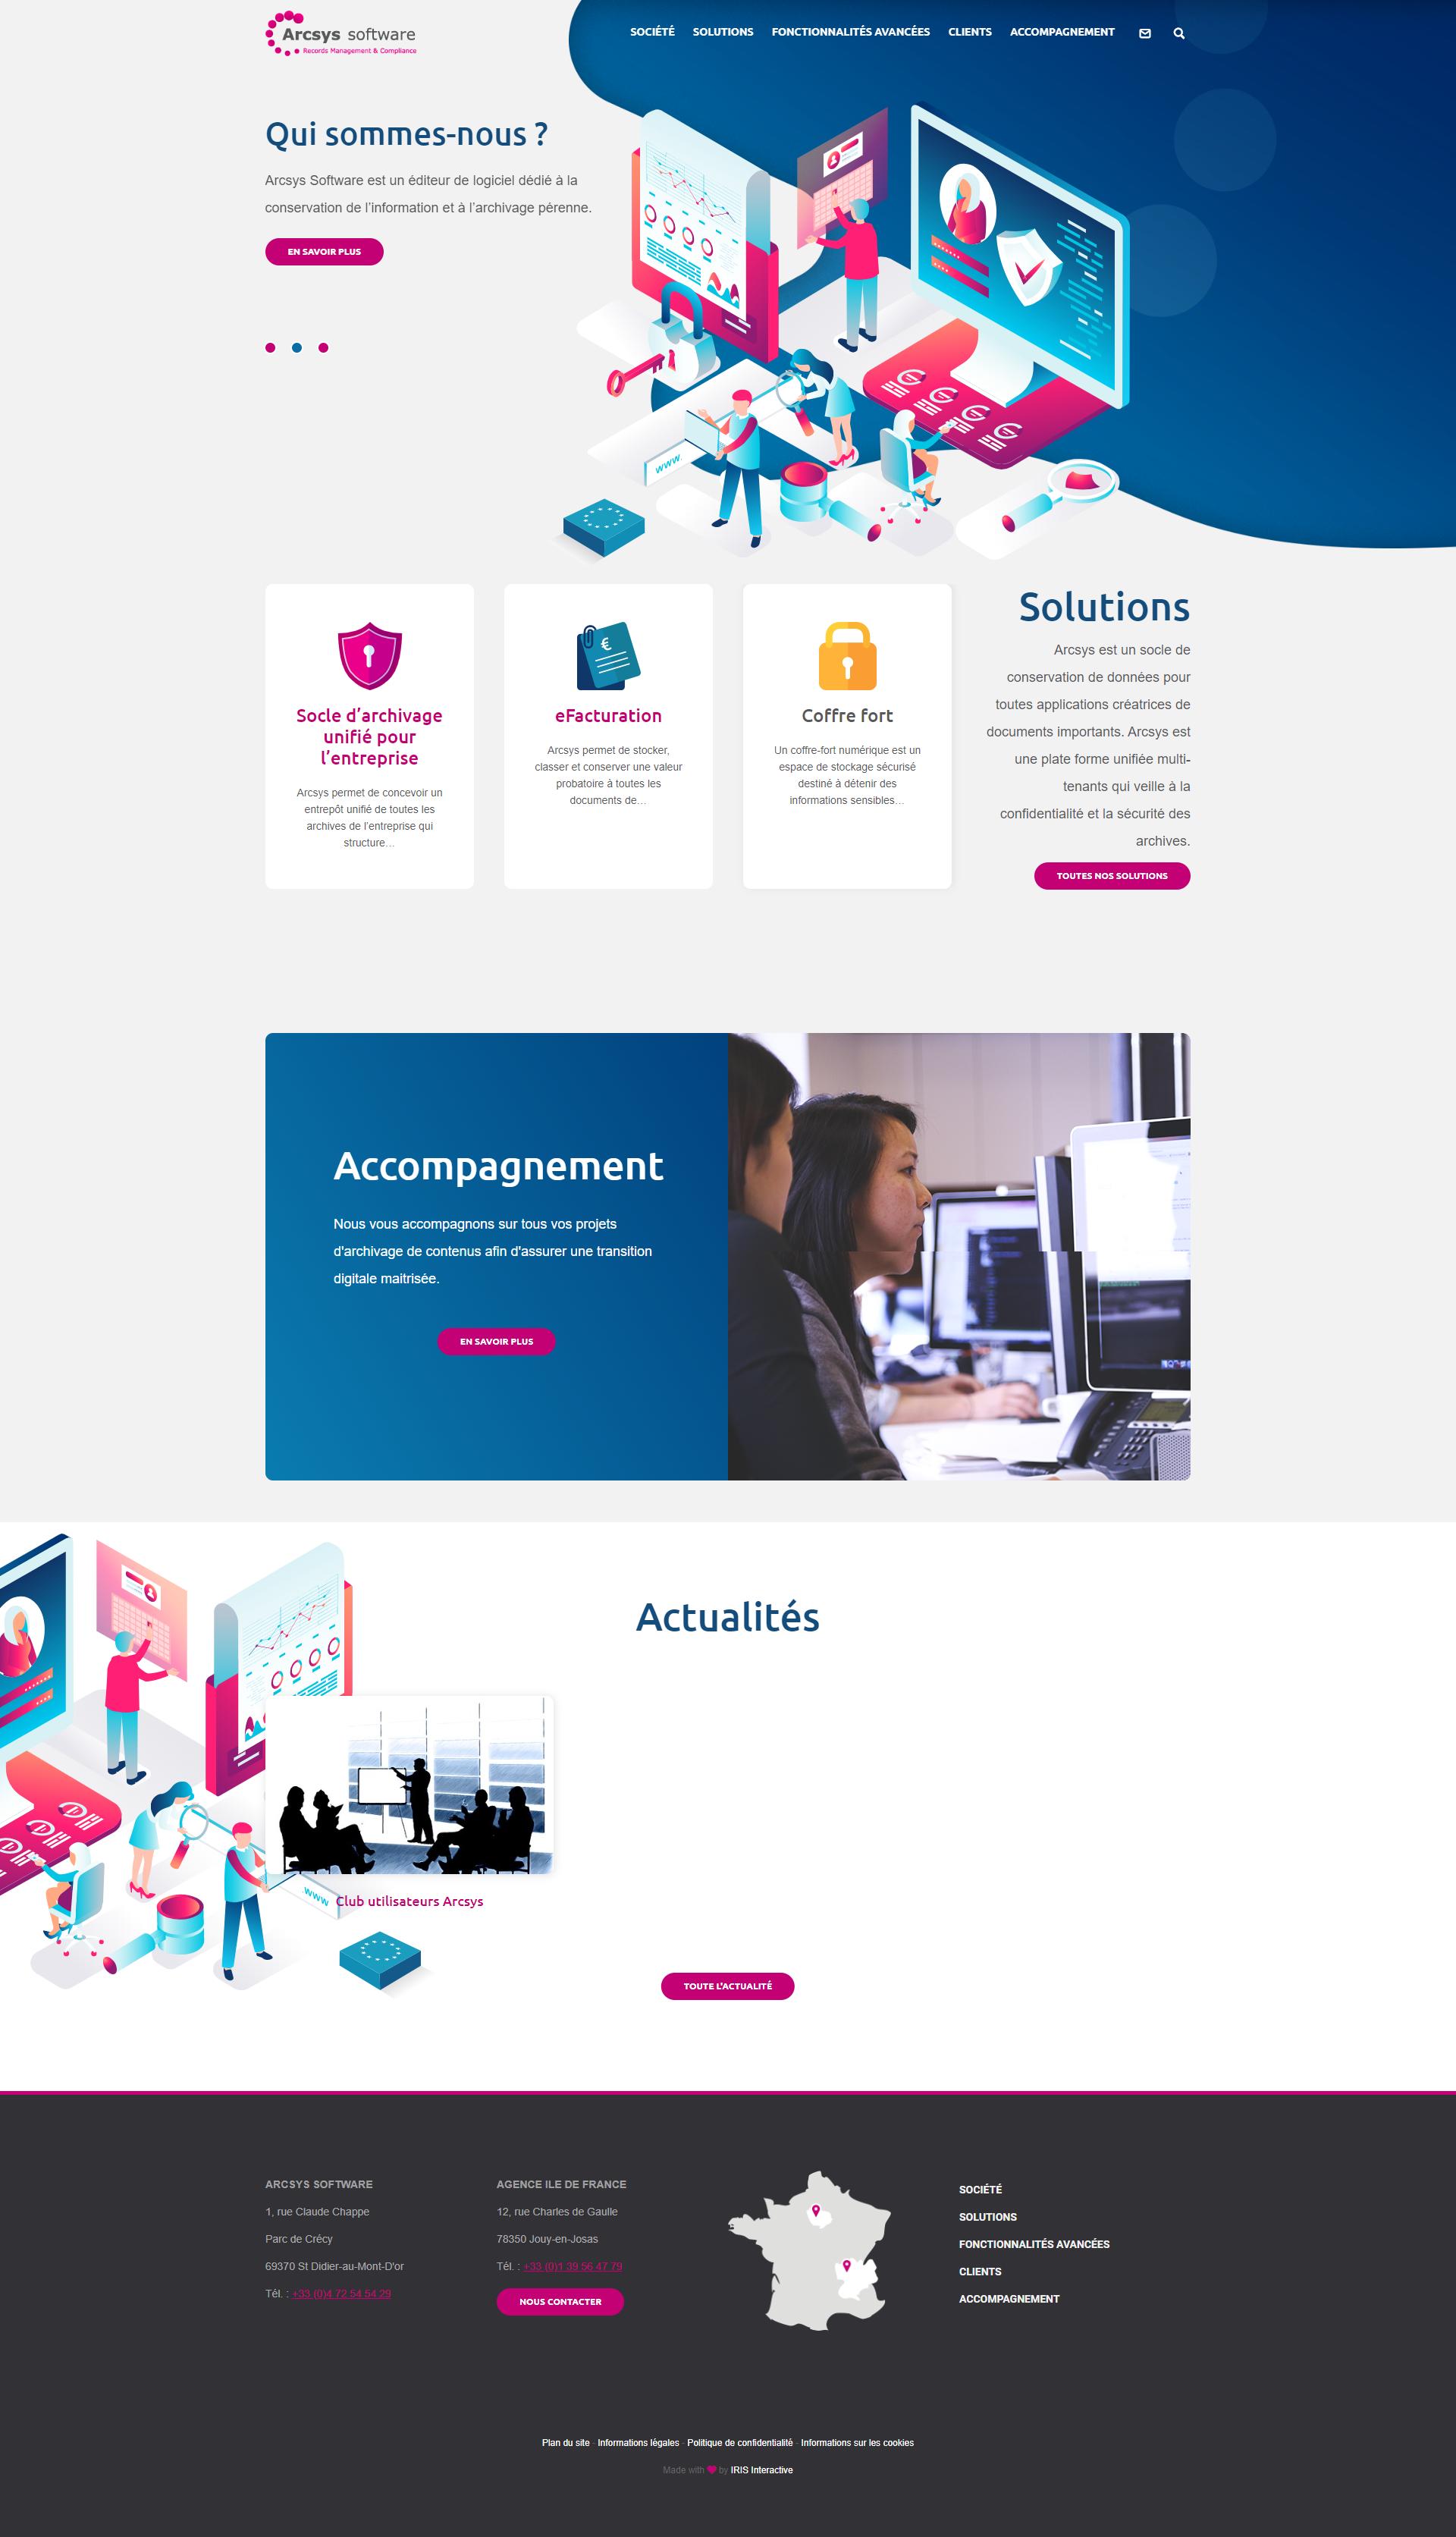 Maquette du site internet de l'entreprise Arcsys Software